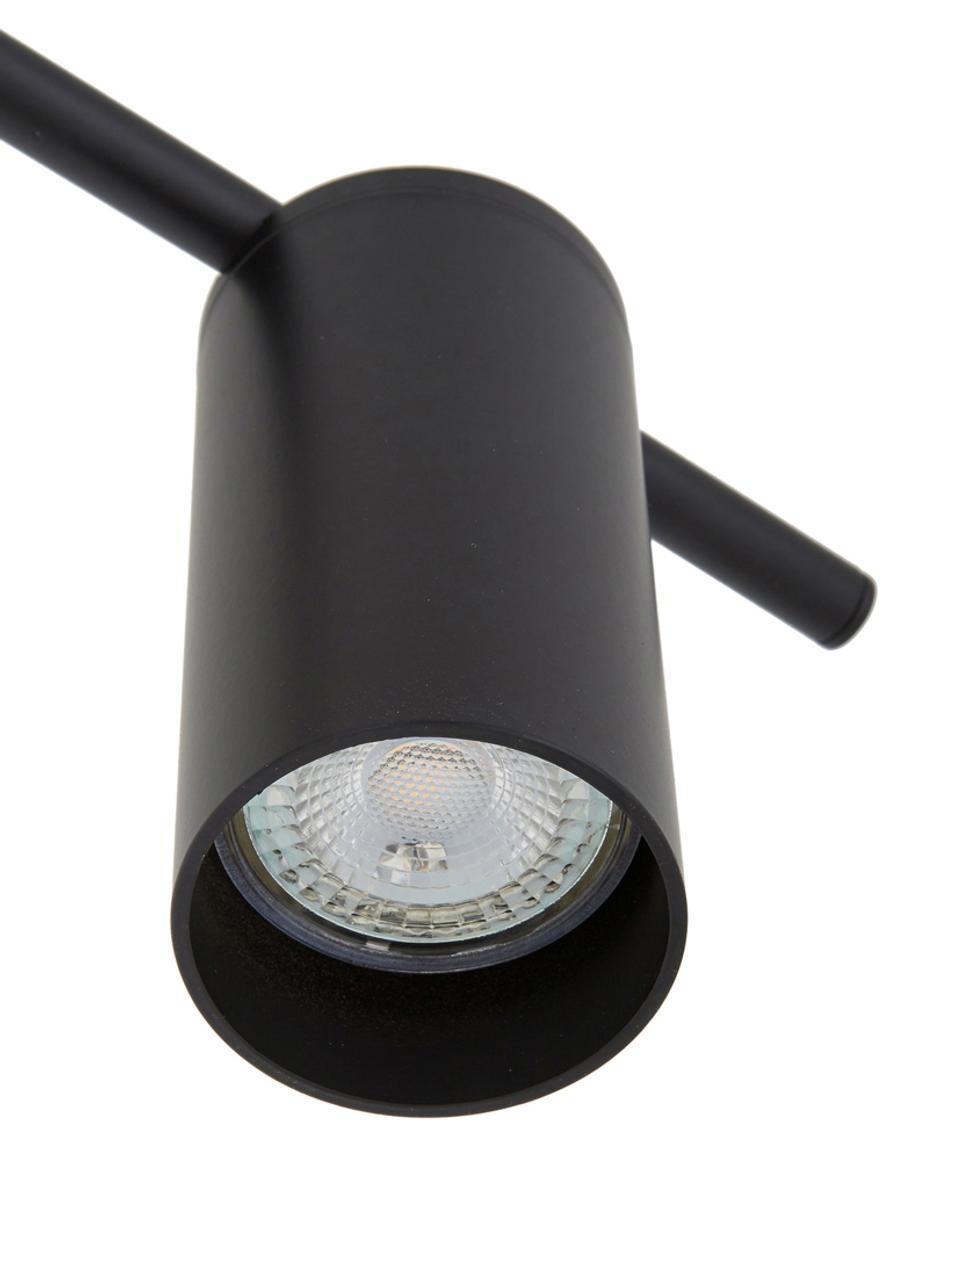 Lampa sufitowa Cassandra, Metal malowany proszkowo, Czarny, matowy, S 80 x W 16 cm